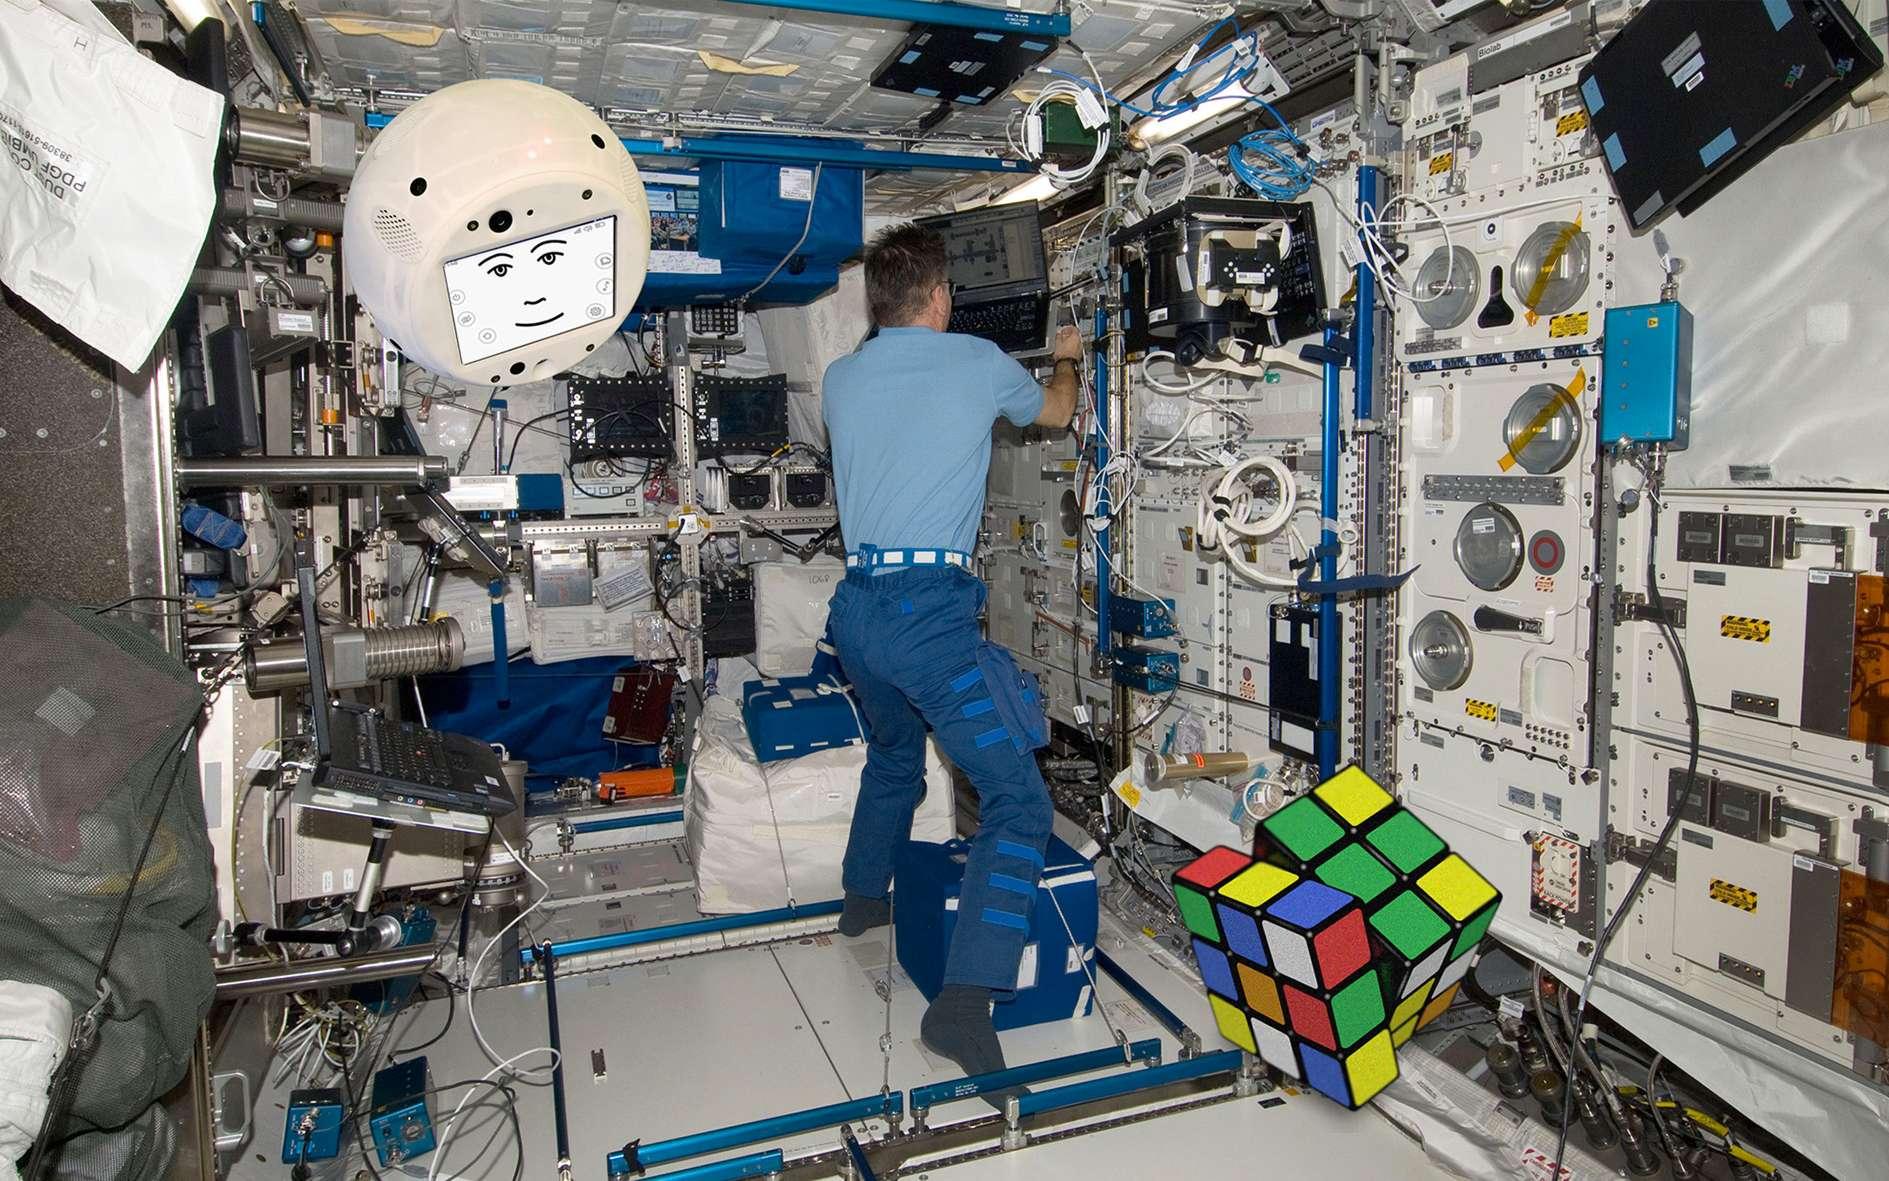 L'intelligence artificielle Cimon est un système d'aide aux astronautes. Elle volera à bord de l'ISS de juin à octobre 2018, pour le compte de l'administration spatiale du DLR. © Airbus